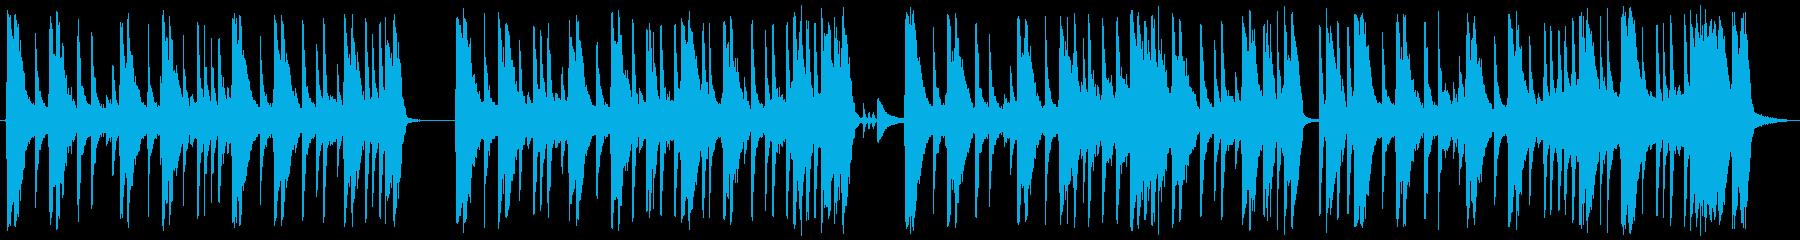 スローでヘビーなバンドサウンドの再生済みの波形